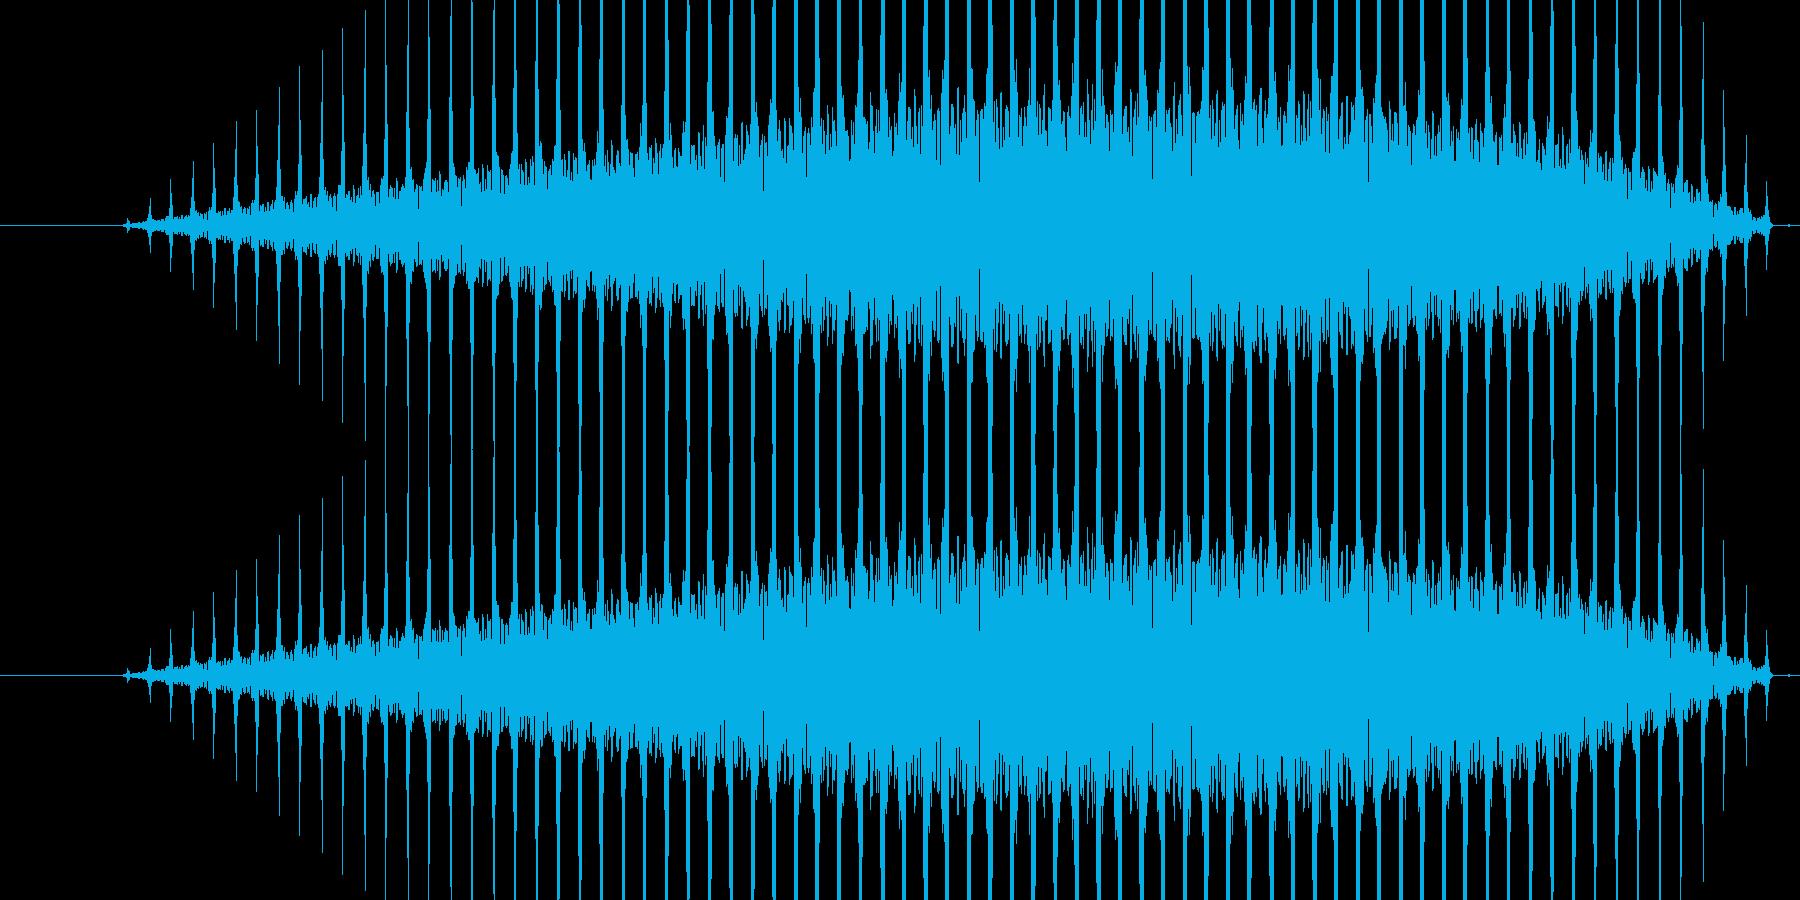 ヘリコプターが飛ぶ音の再生済みの波形